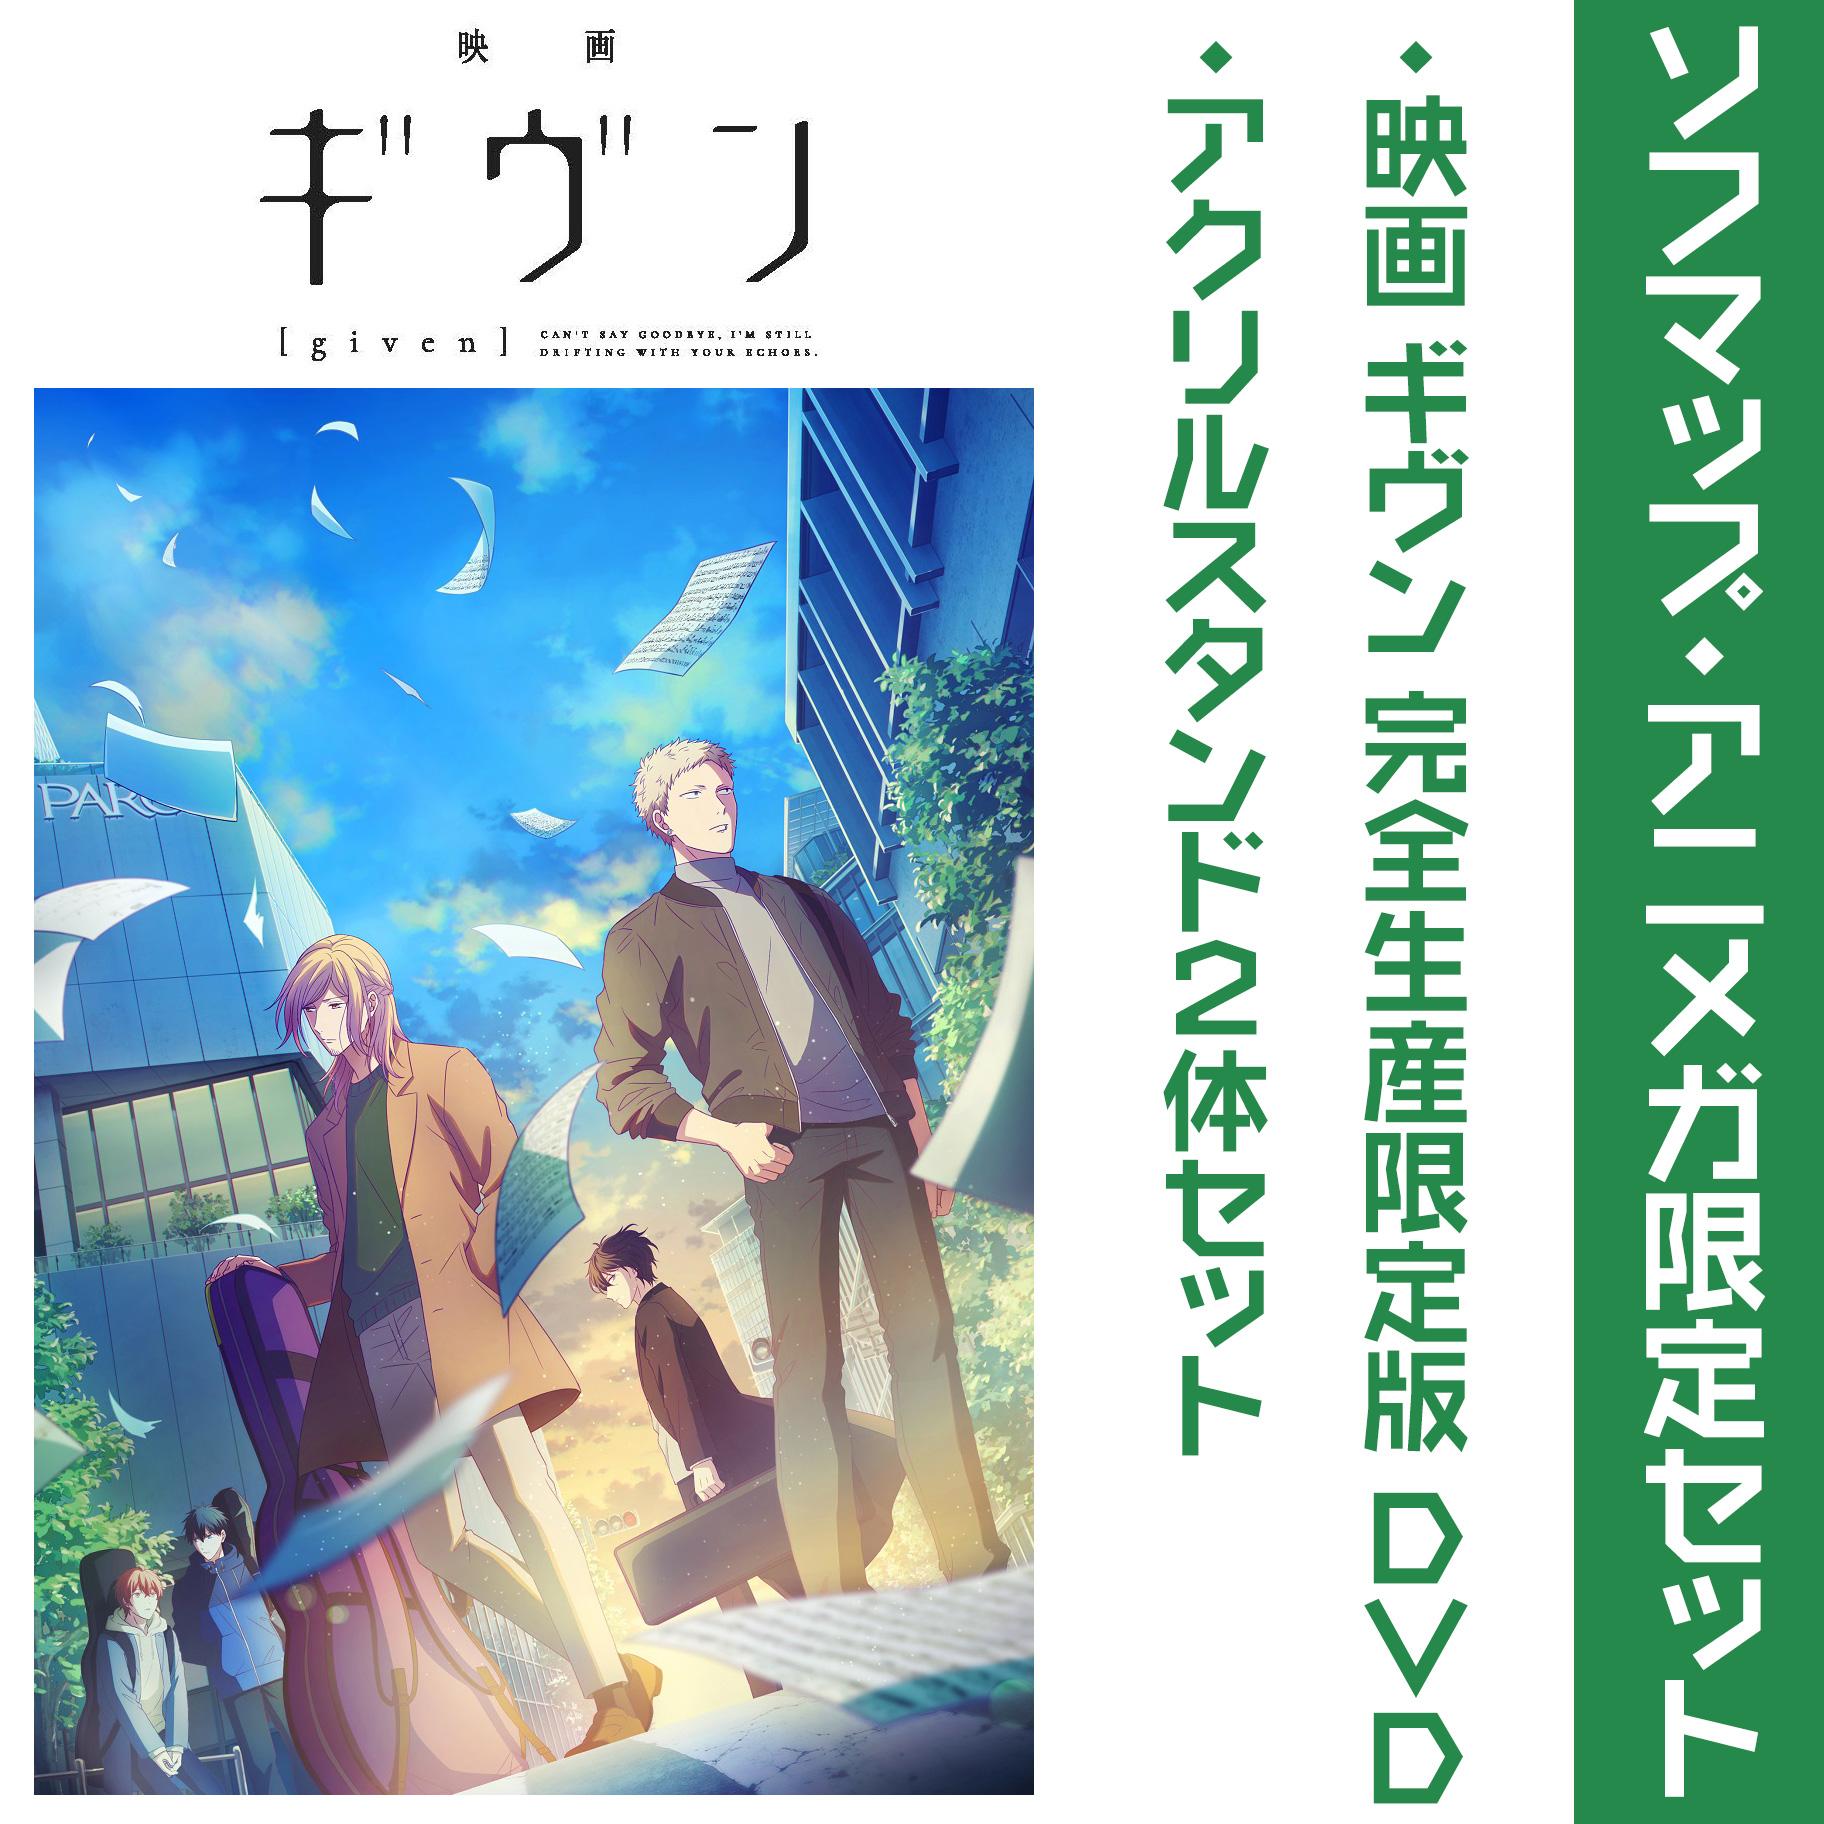 映画 ギヴン 完全生産限定版 DVD アクリルスタンド2体セットつき ソフマップ・アニメガ限定セット